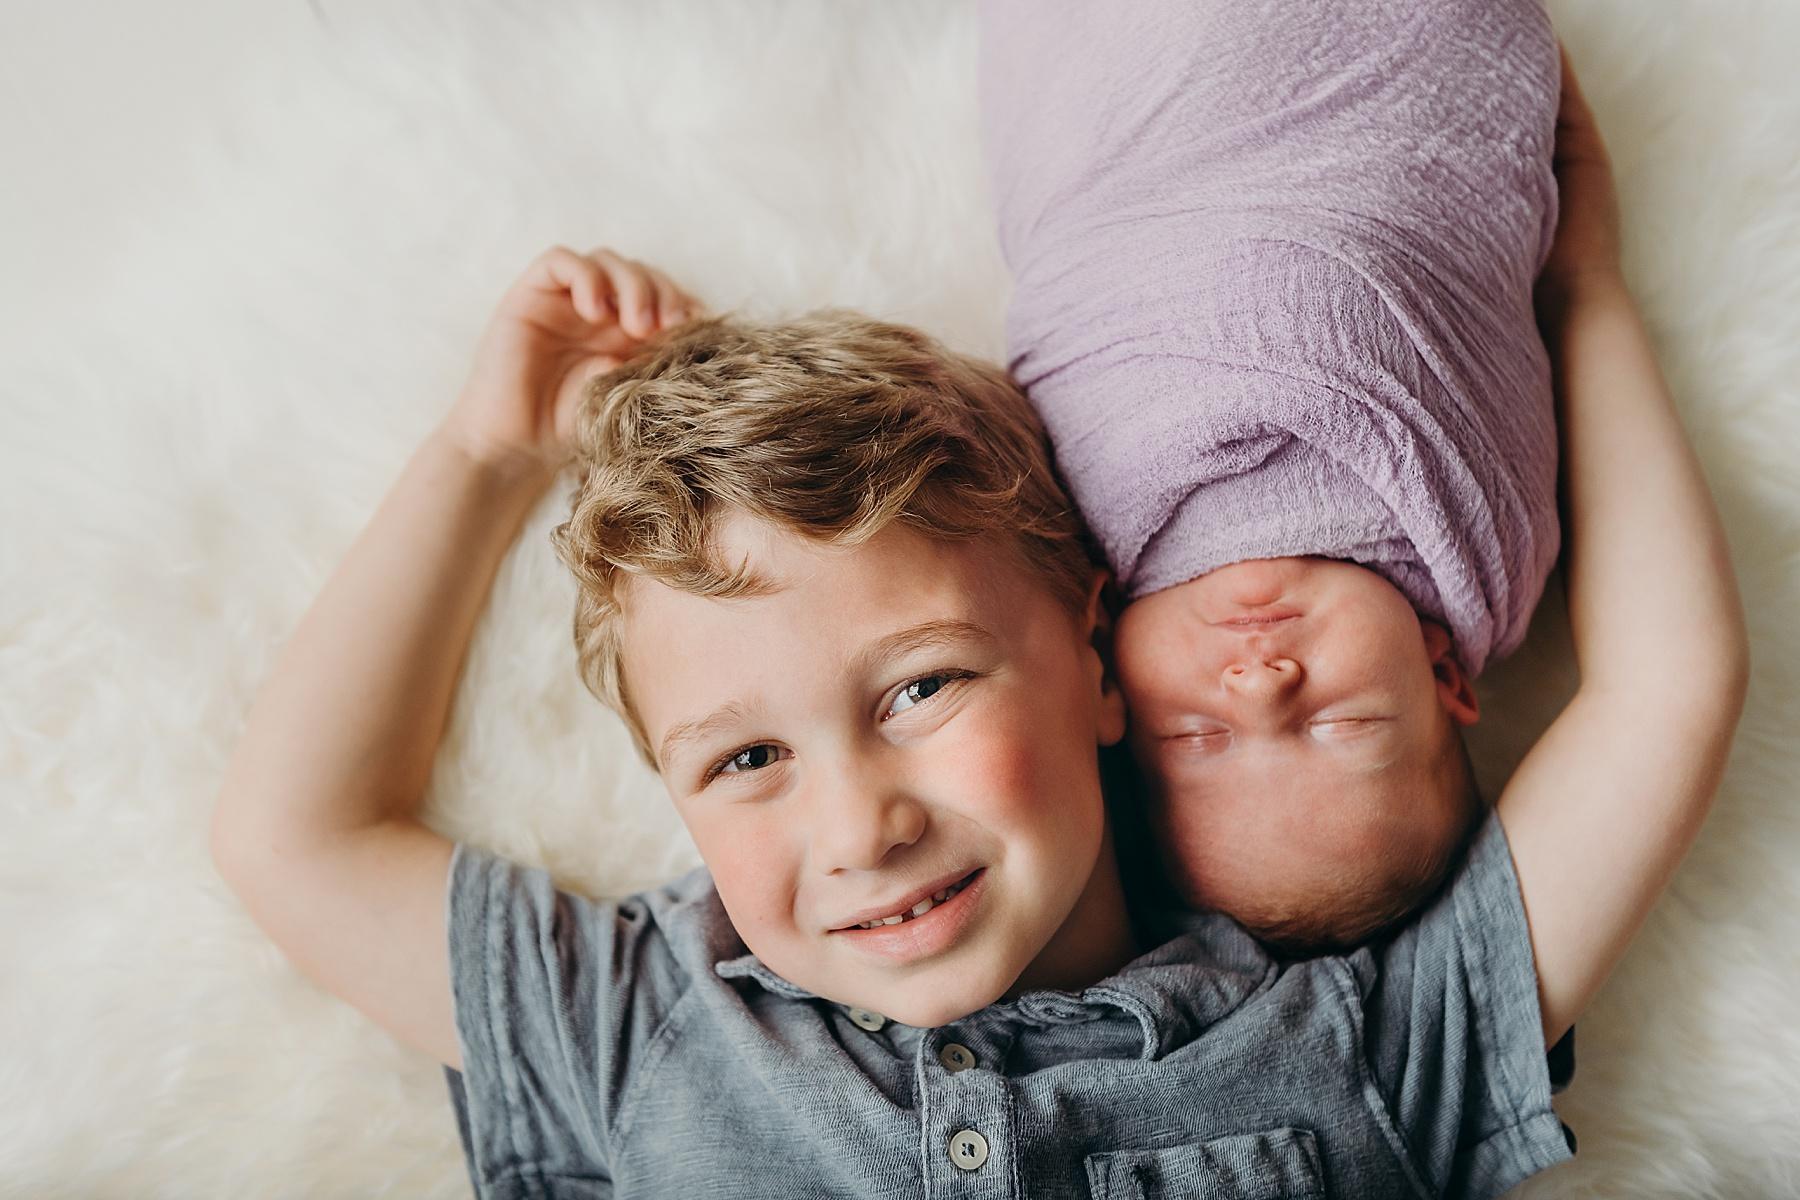 san marcos studio newborn pictures siblings